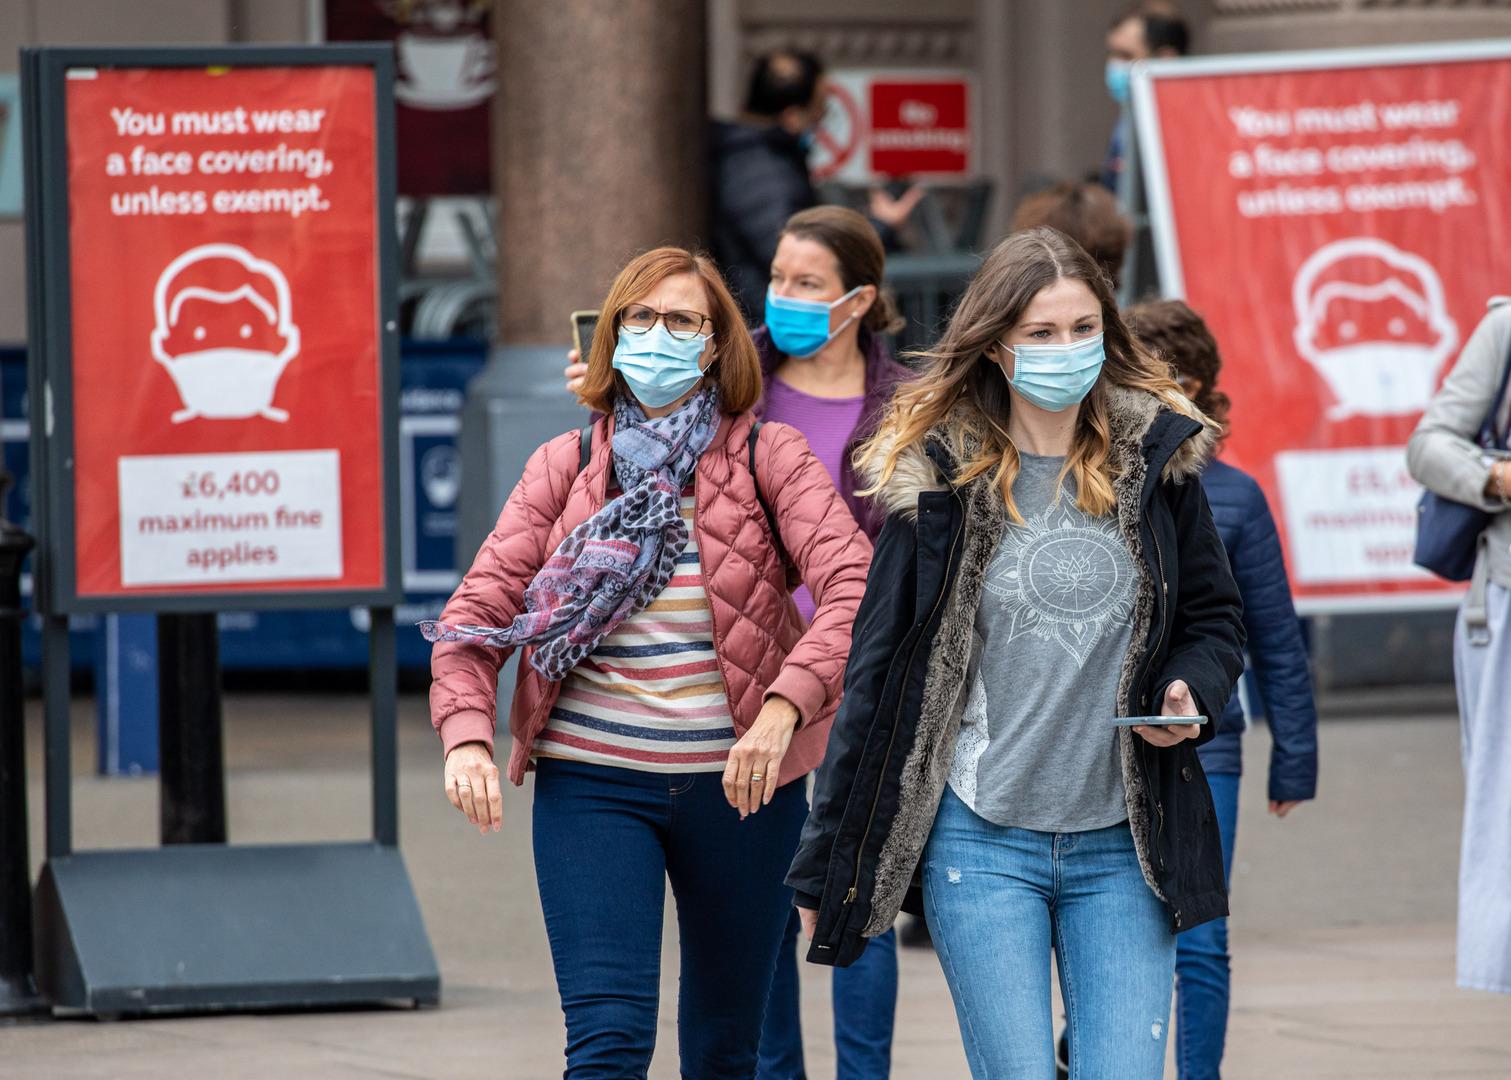 بريطانيا تسجل انخفاضا طفيفا في إصابات كورونا اليومية